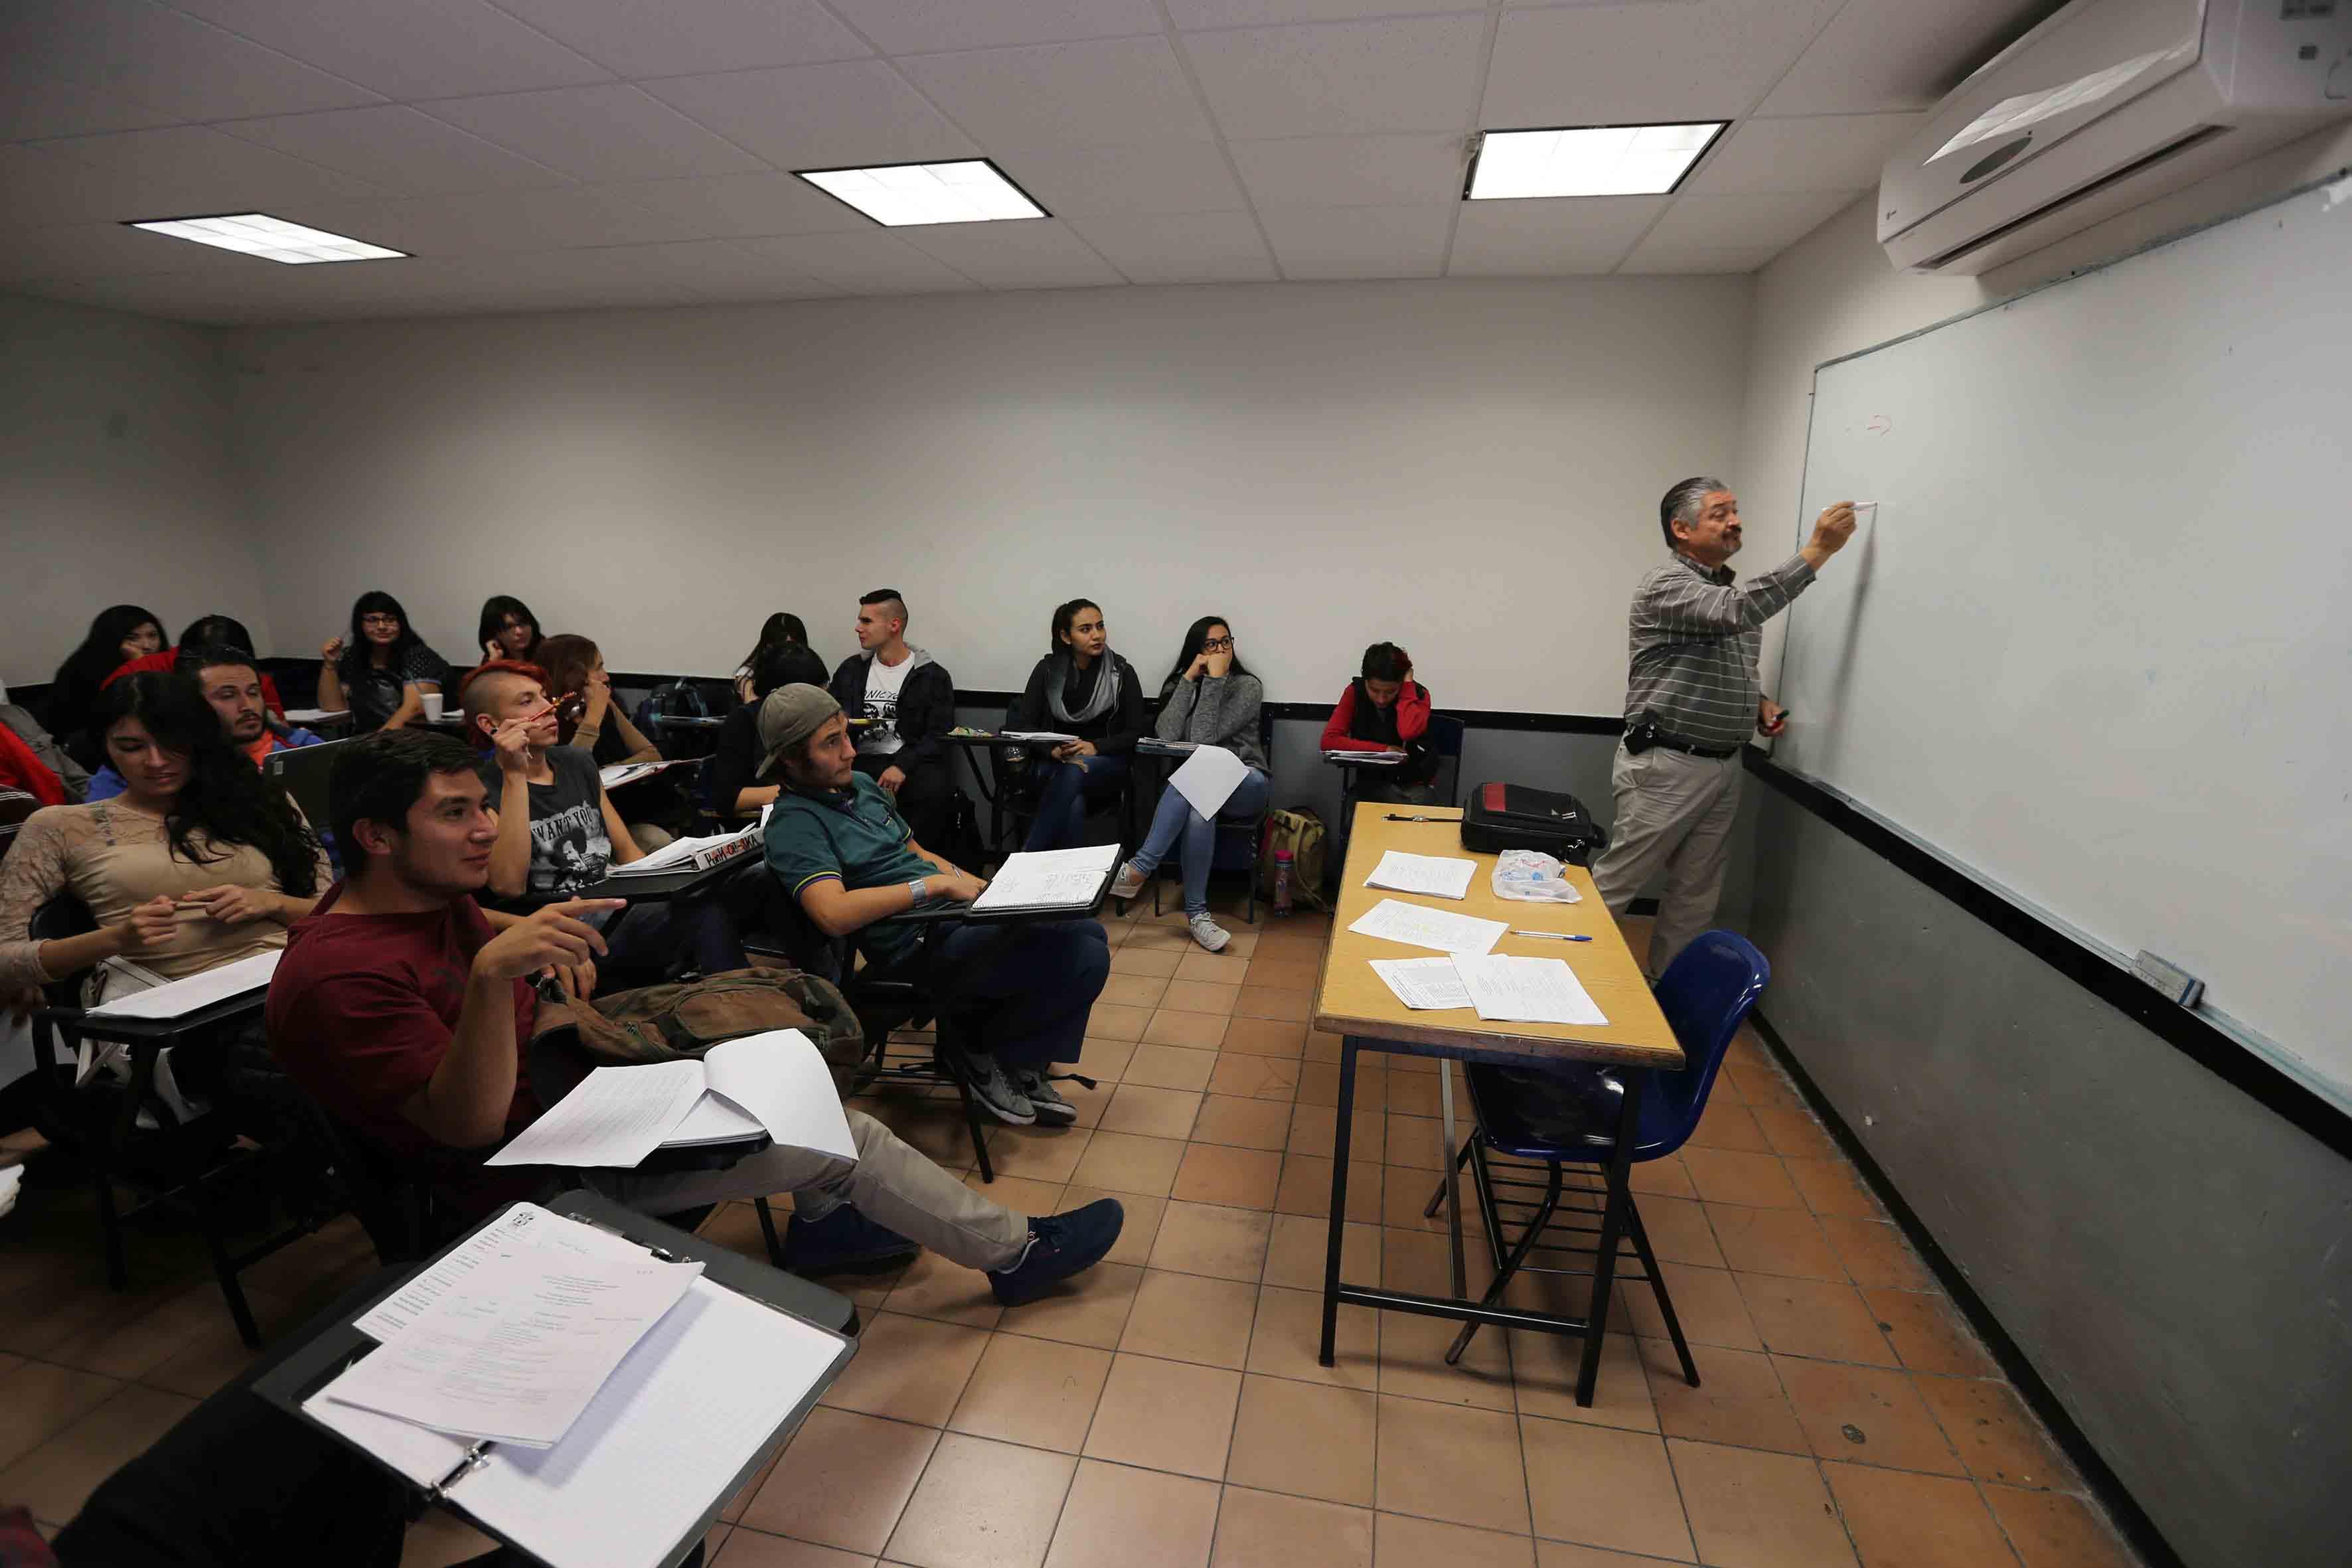 Profesor dando clases a alumnos